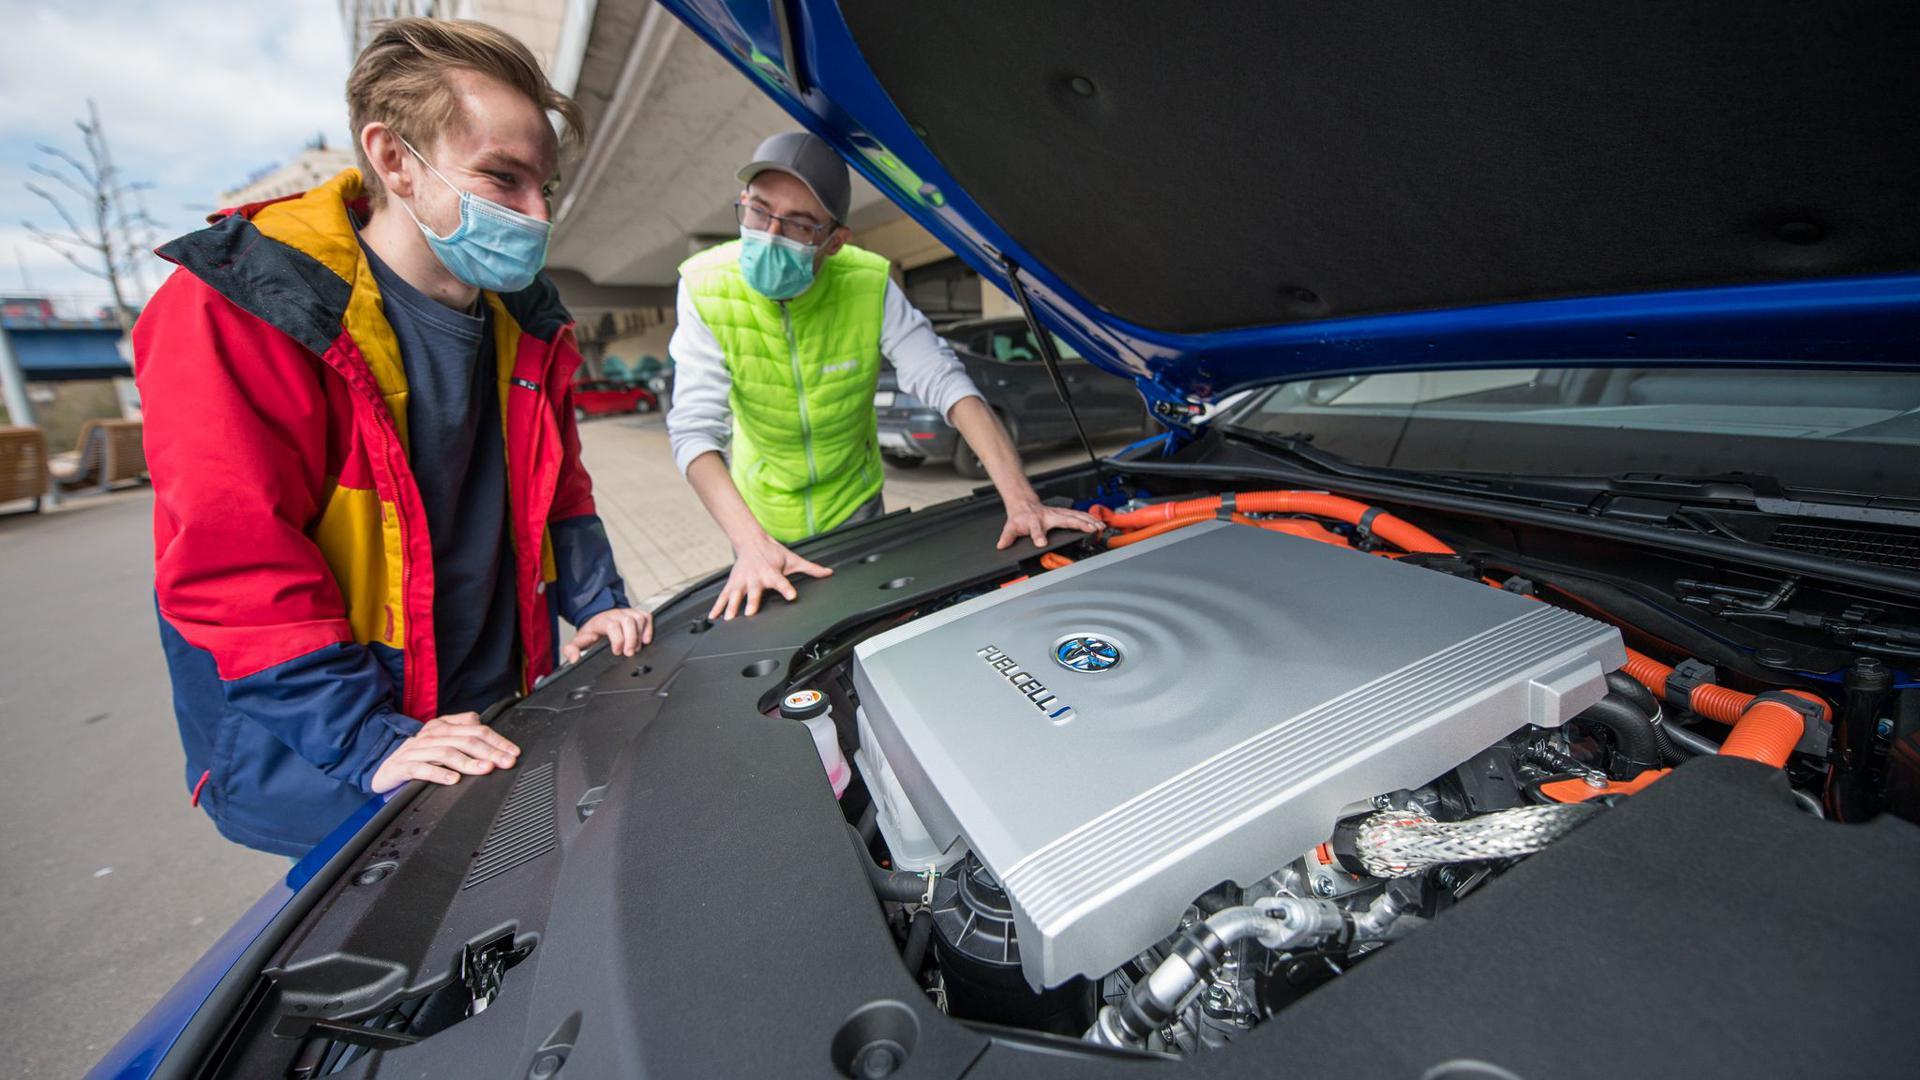 Fahrlehrer Rouven Klein (r) und Fahrschüler Adrian Bredebusch schauen auf die Brennstoffzelle des Wasserstoff-Fahrschulautos der Fahrschule VooVooDrive in Saarbrücken.